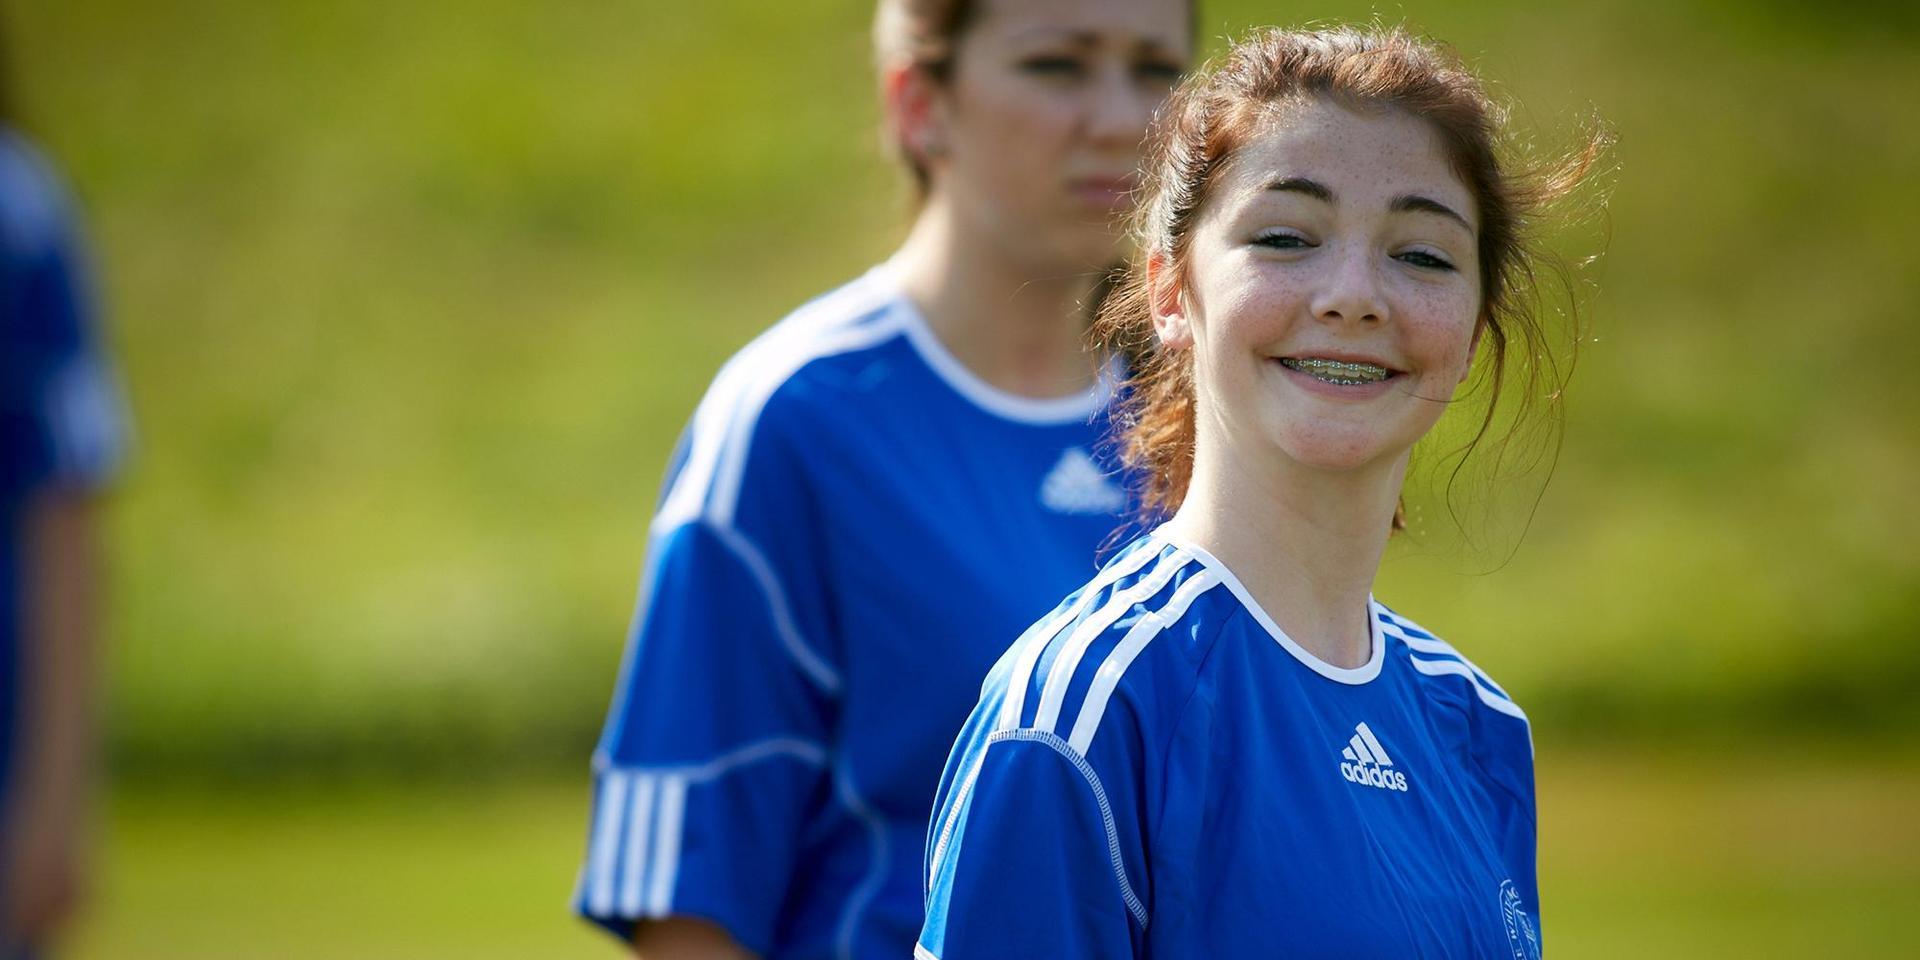 一个学生足球运动员对着镜头微笑.